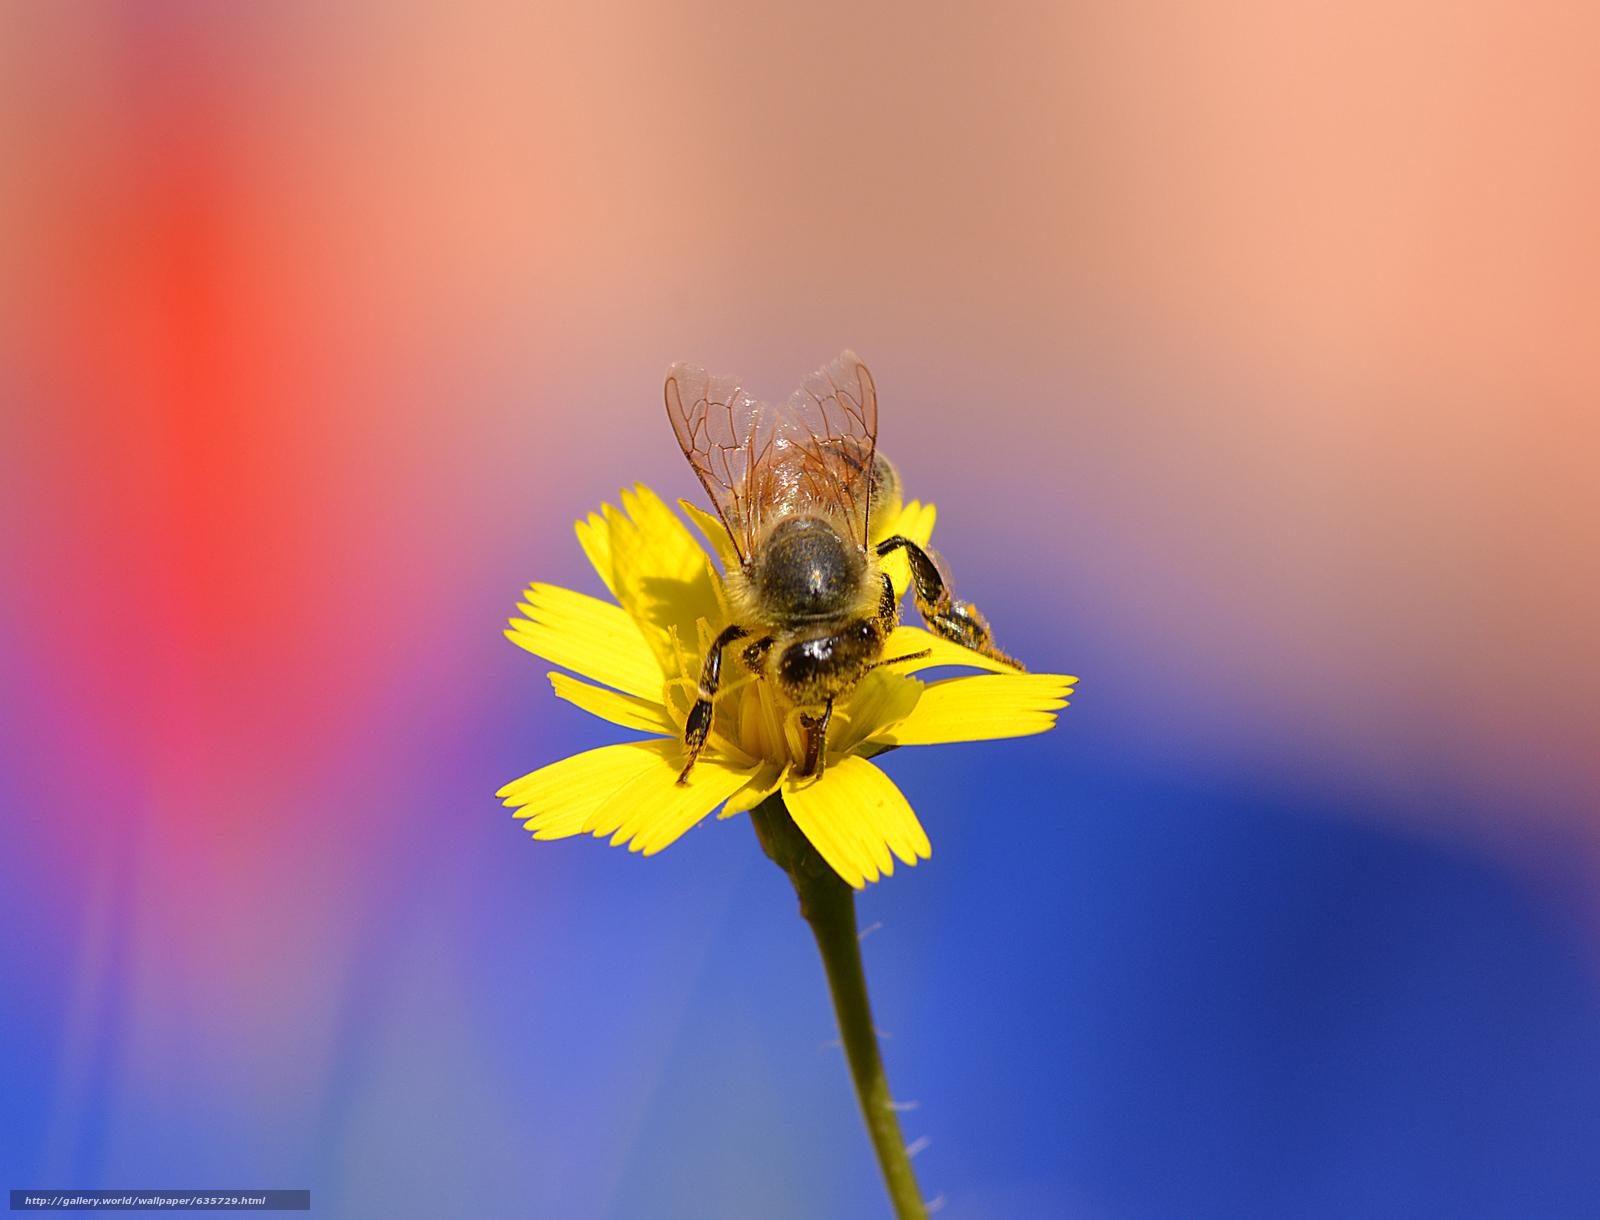 下载壁纸 花,  蜜蜂,  宏 免费为您的桌面分辨率的壁纸 3486x2658 — 图片 №635729